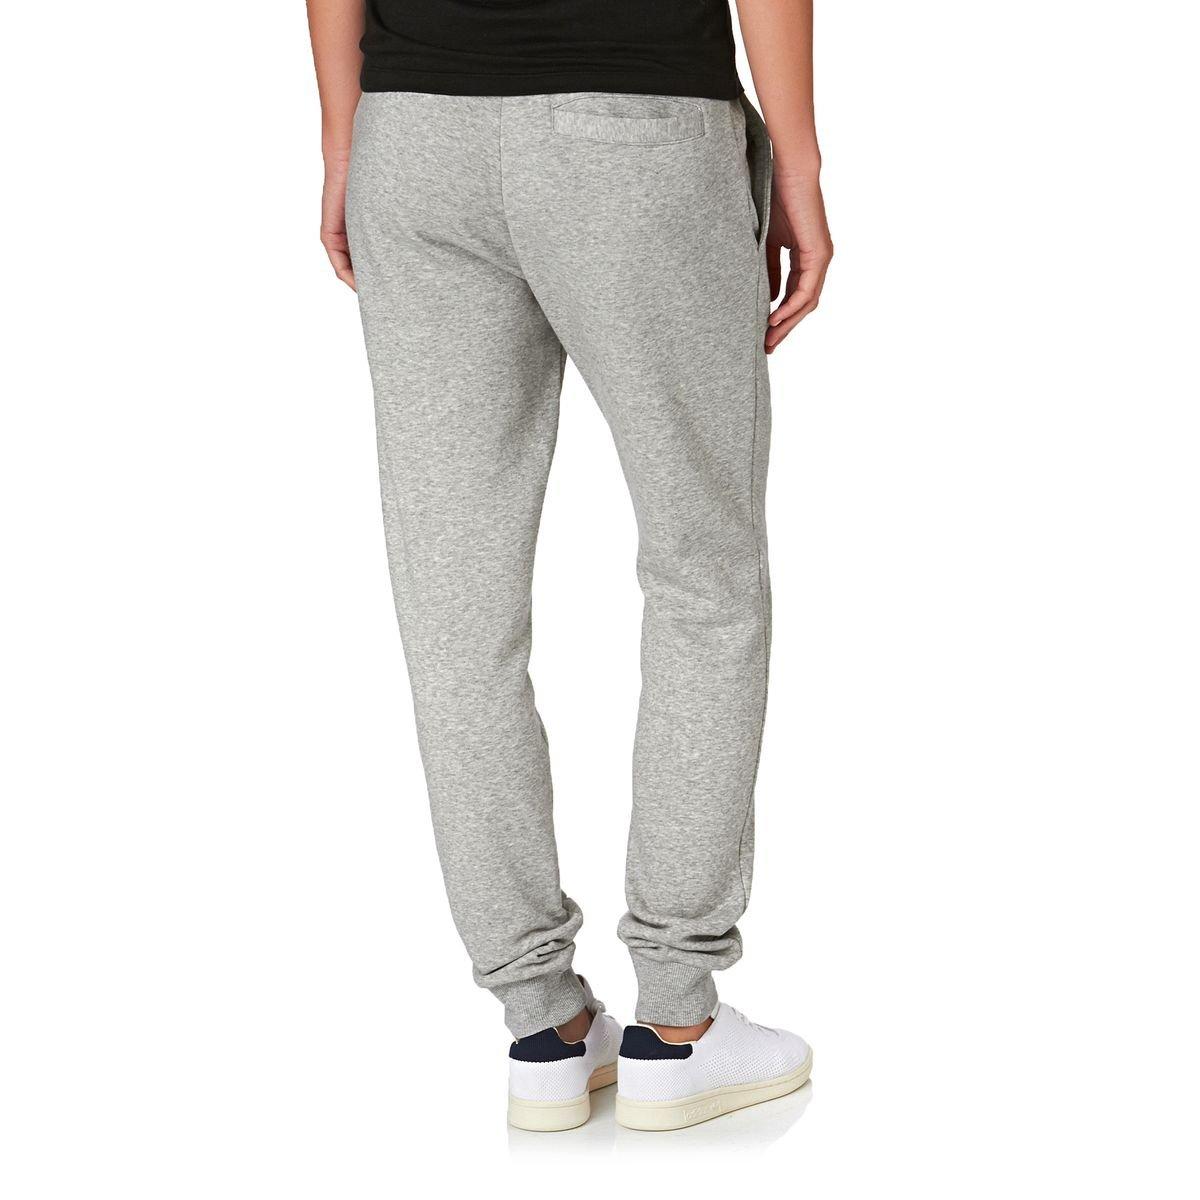 new arrive online retailer on feet images of Adidas Pantalon de survêtement pour femme, coupe droite ...